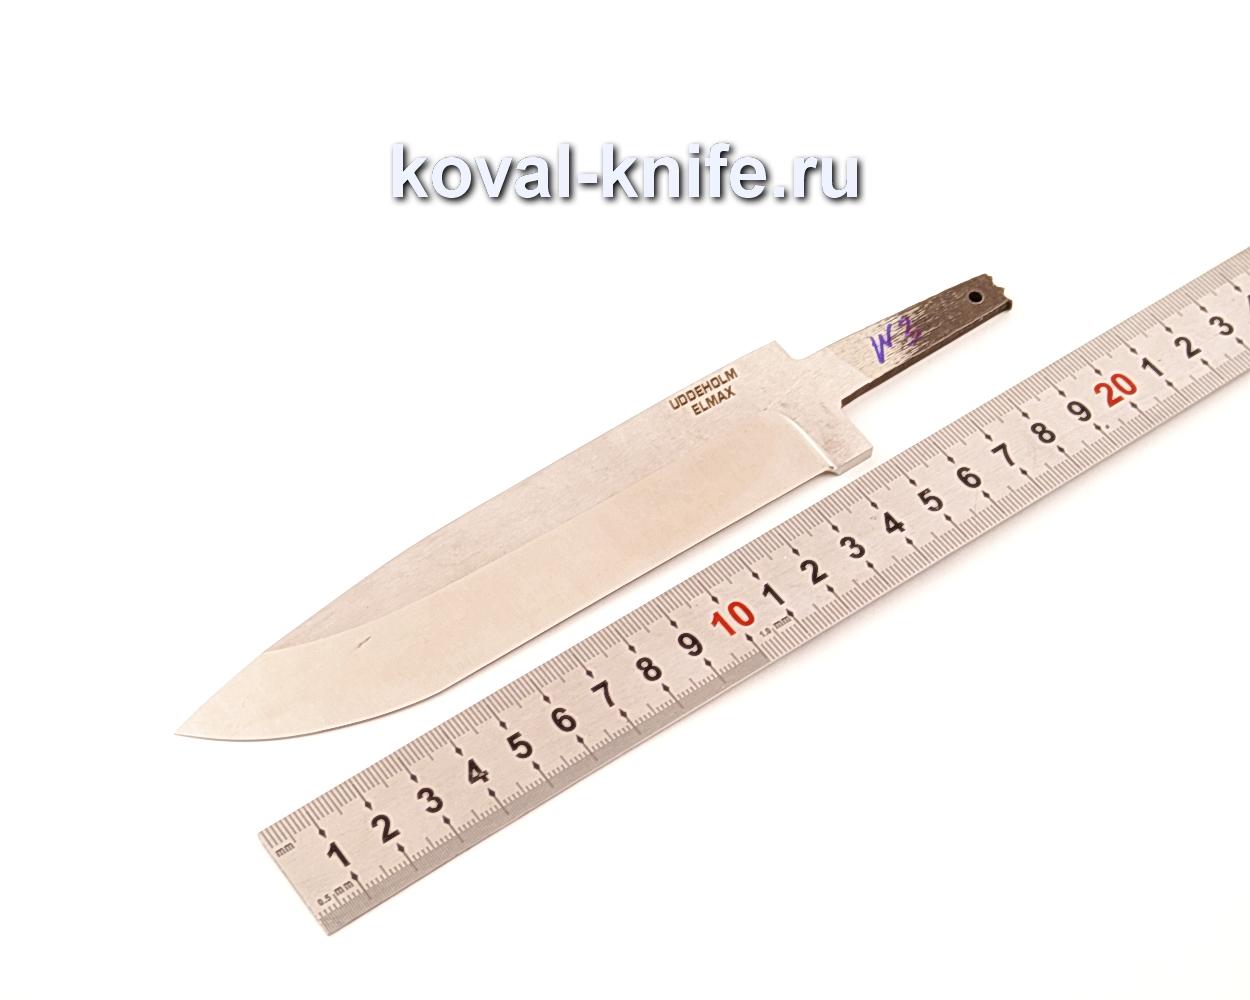 Клинок для ножа из порошковой стали Elmax N3